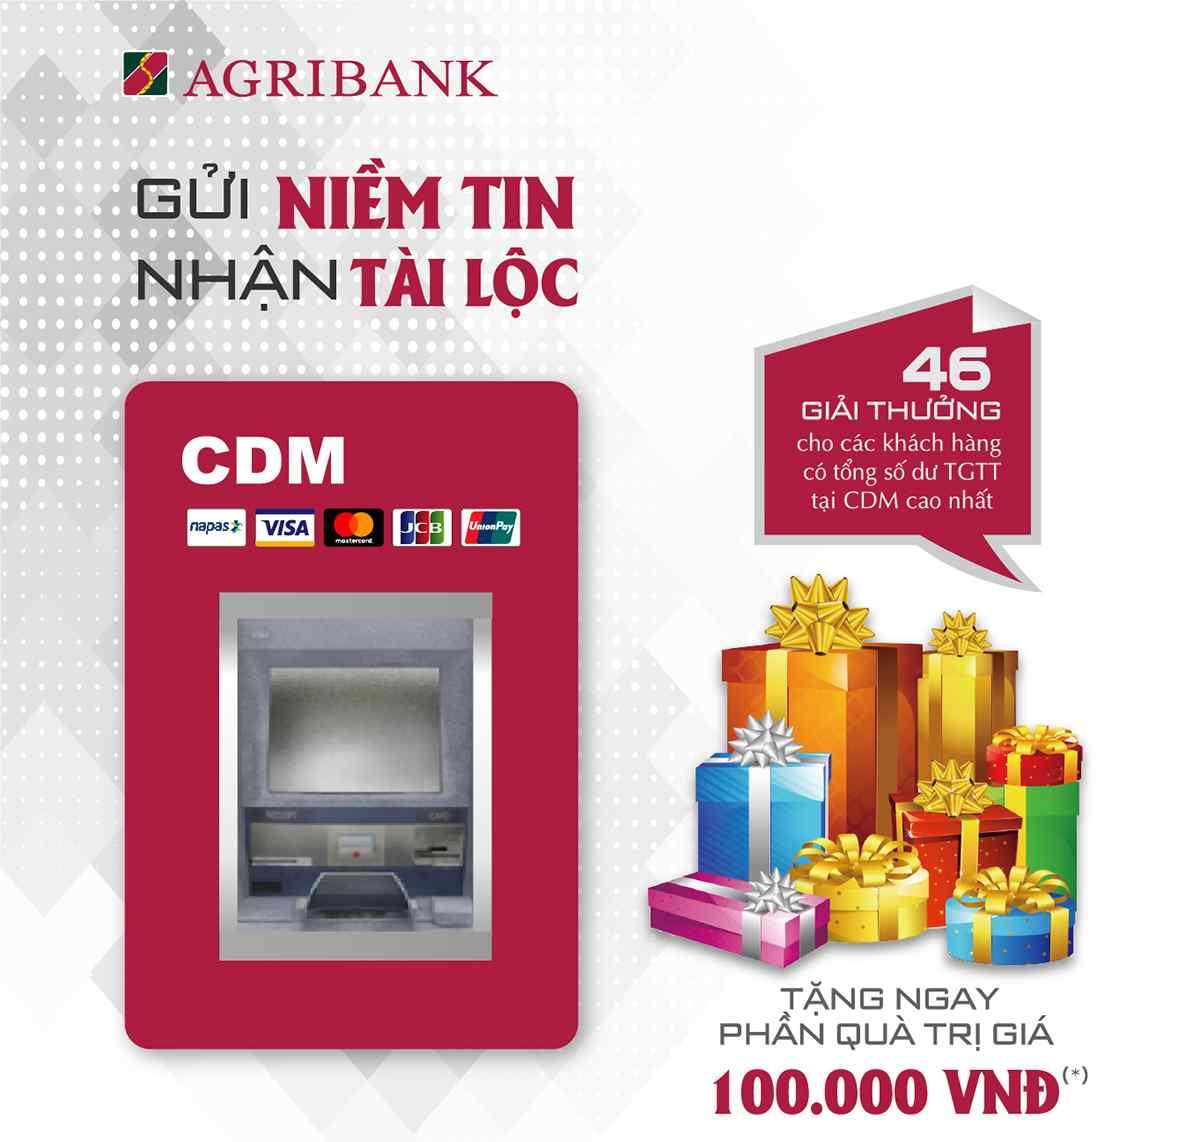 Danh sách các máy Cdm Agribank trong cả nước